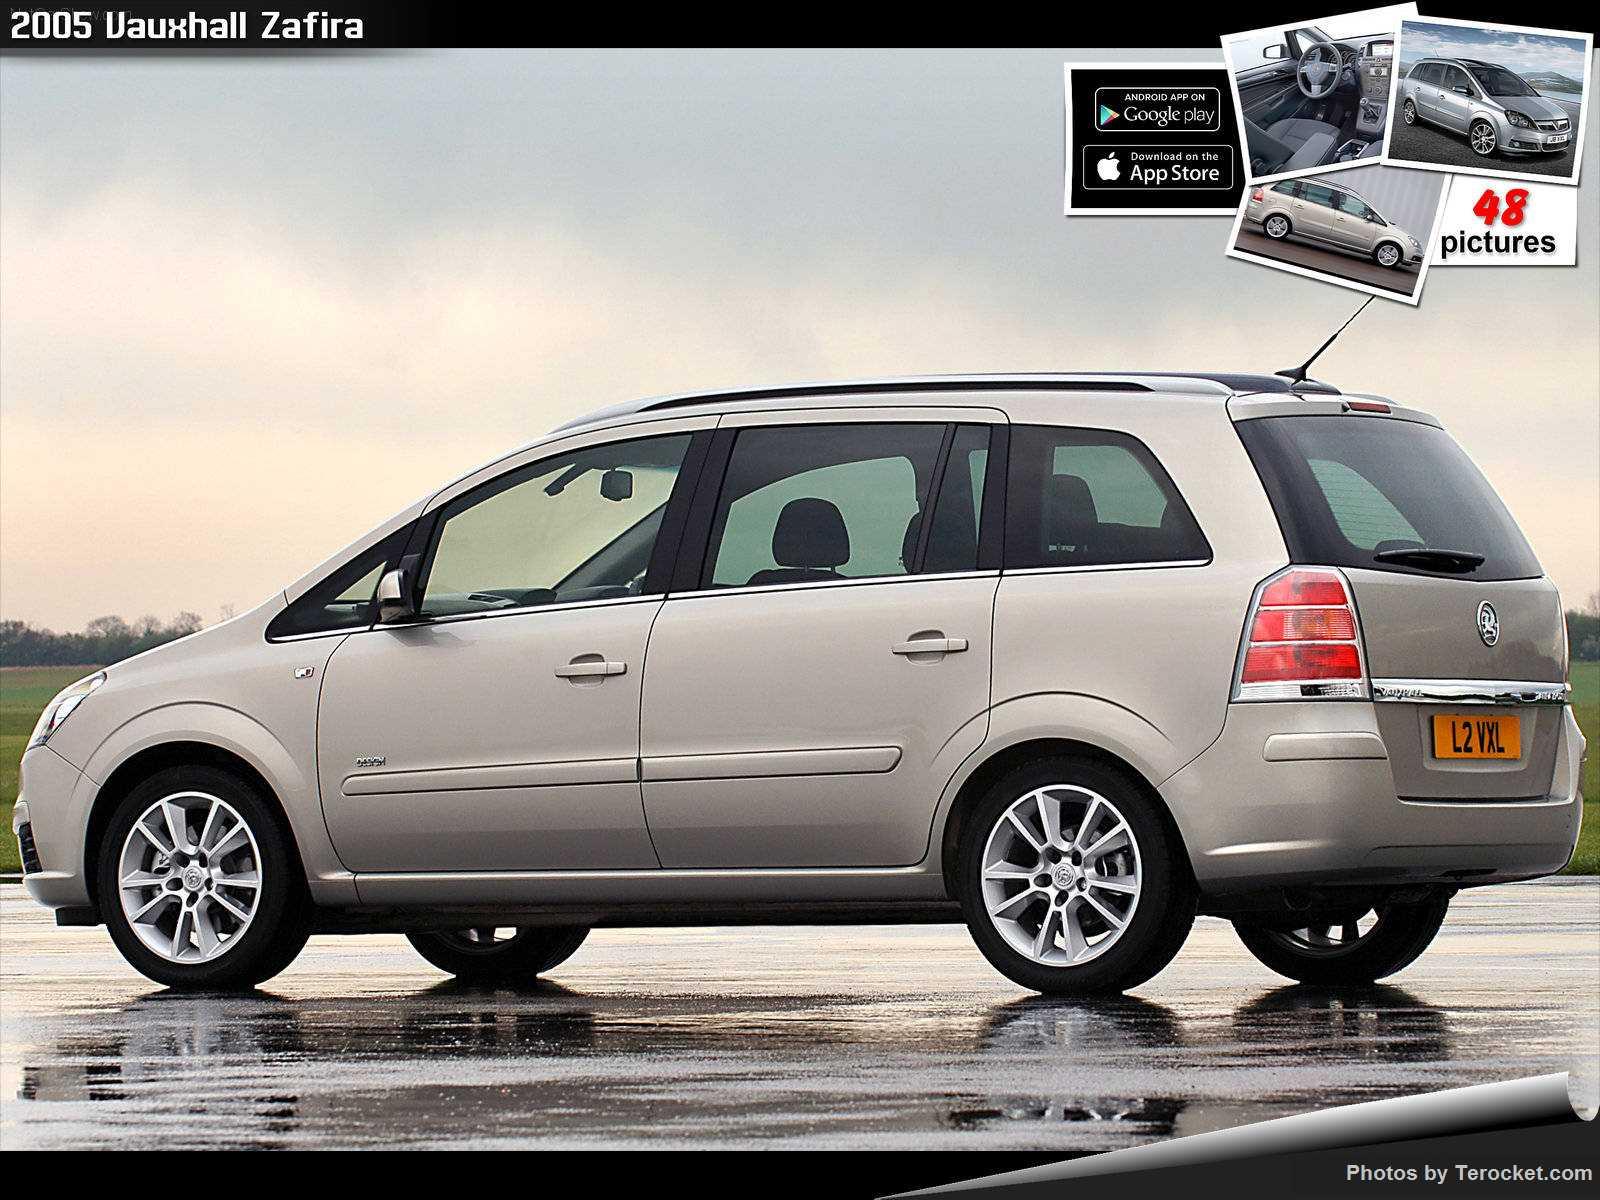 Hình ảnh xe ô tô Vauxhall Zafira 2005 & nội ngoại thất